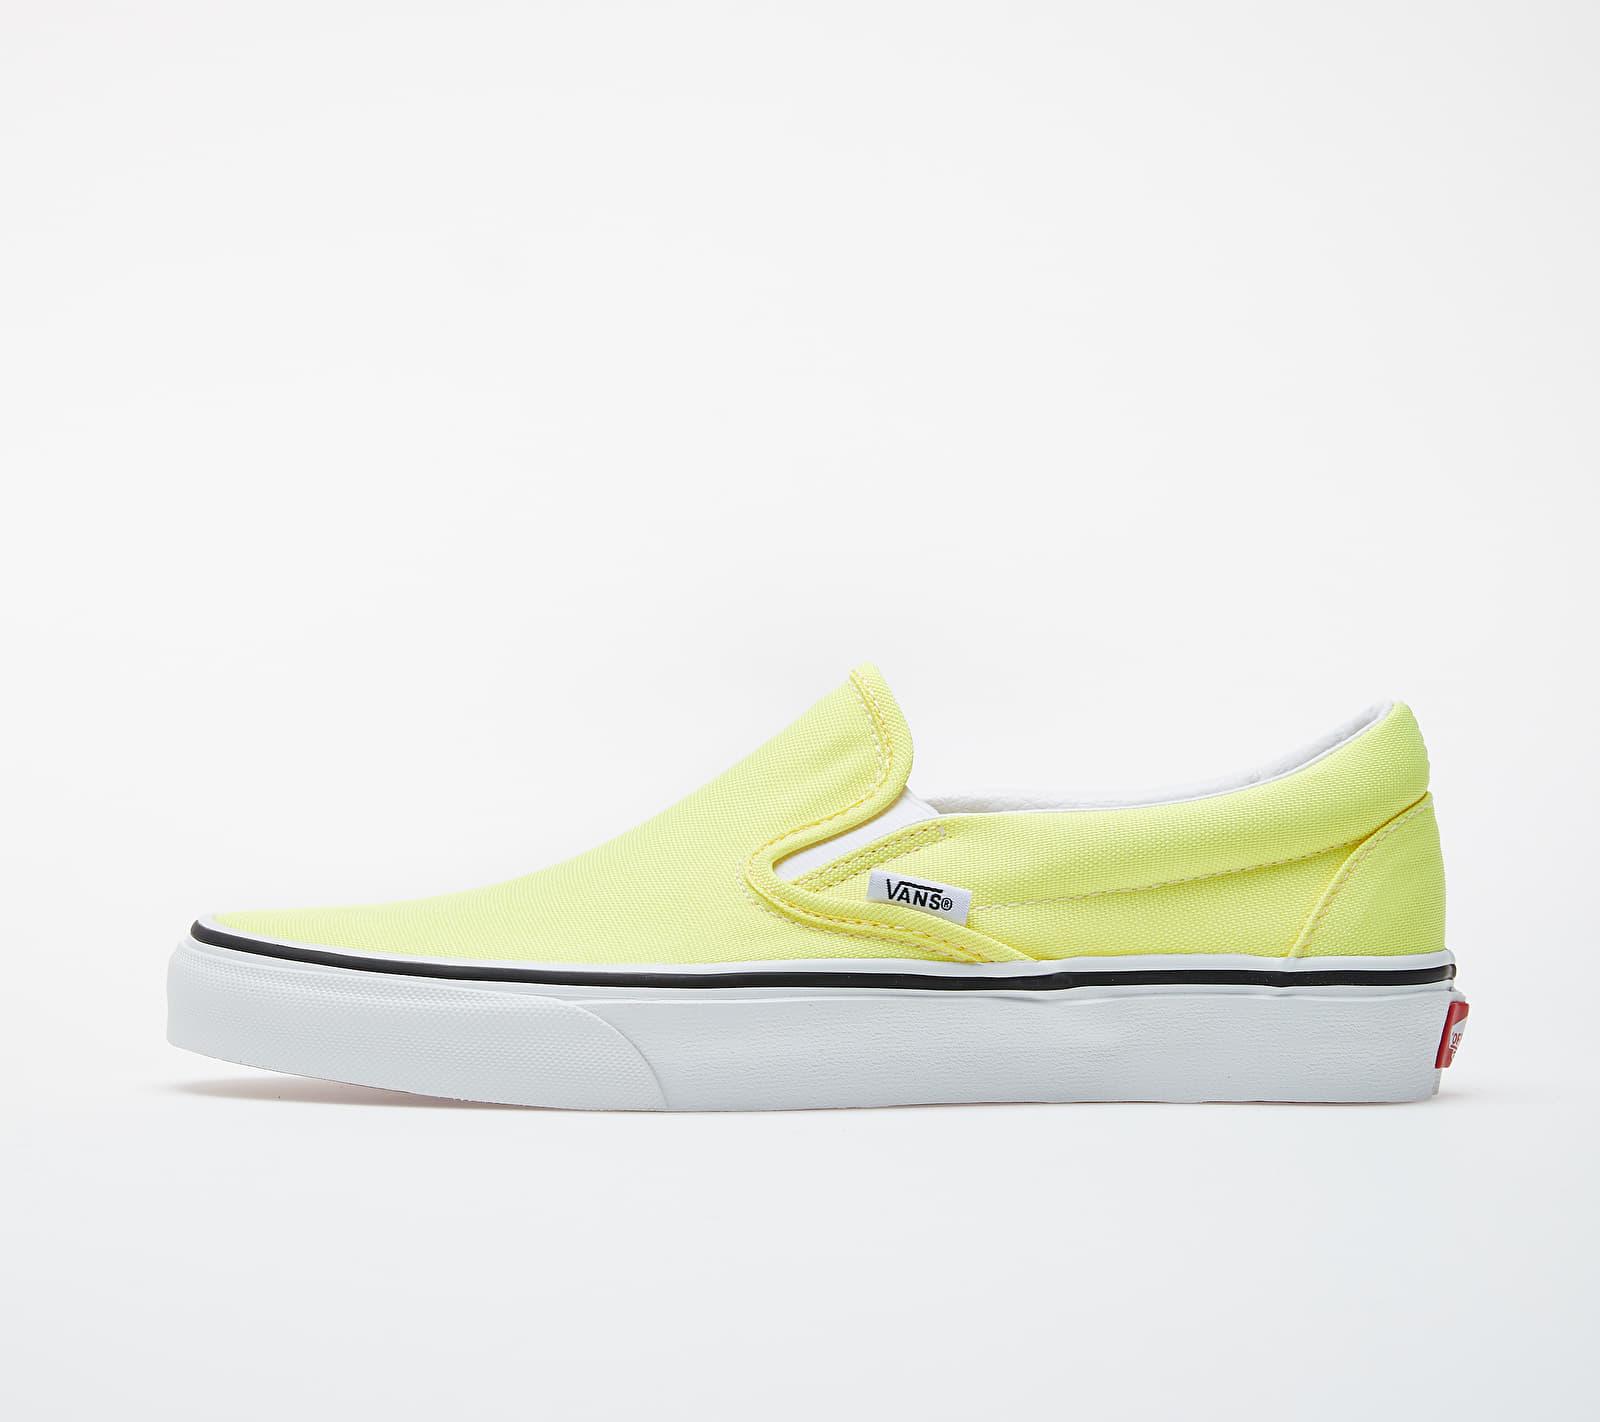 Vans Classic Slip-On (Neon) Lemon Tonic/ True White EUR 40.5